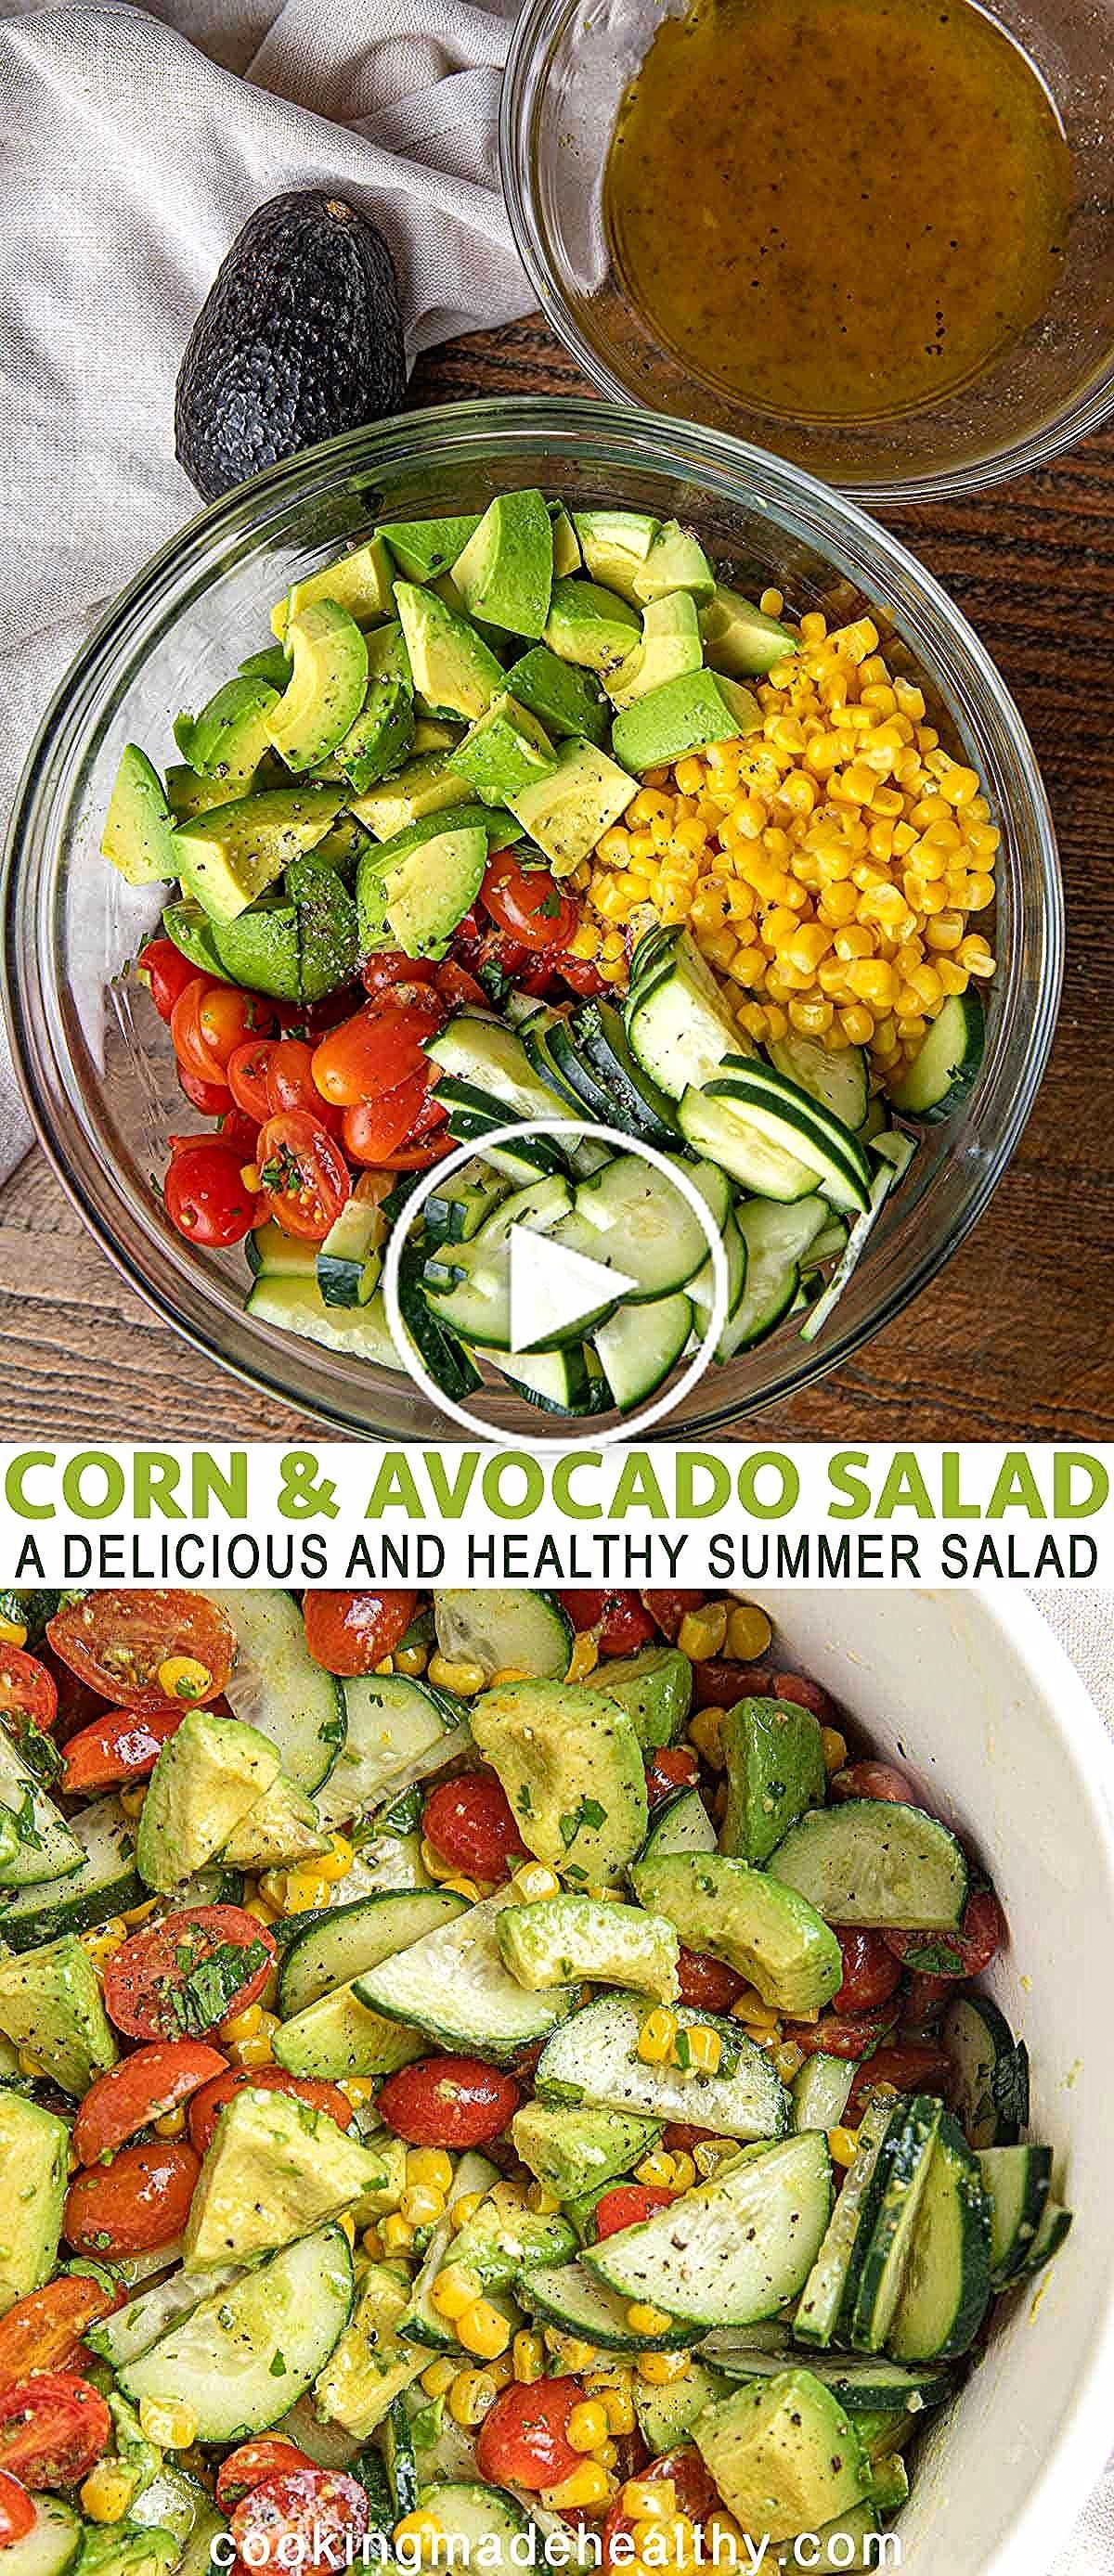 Mai und Avocado-Salat mit Tomaten und Gurken und einer gesunden hausgemachten Vinaigrette ist ein e